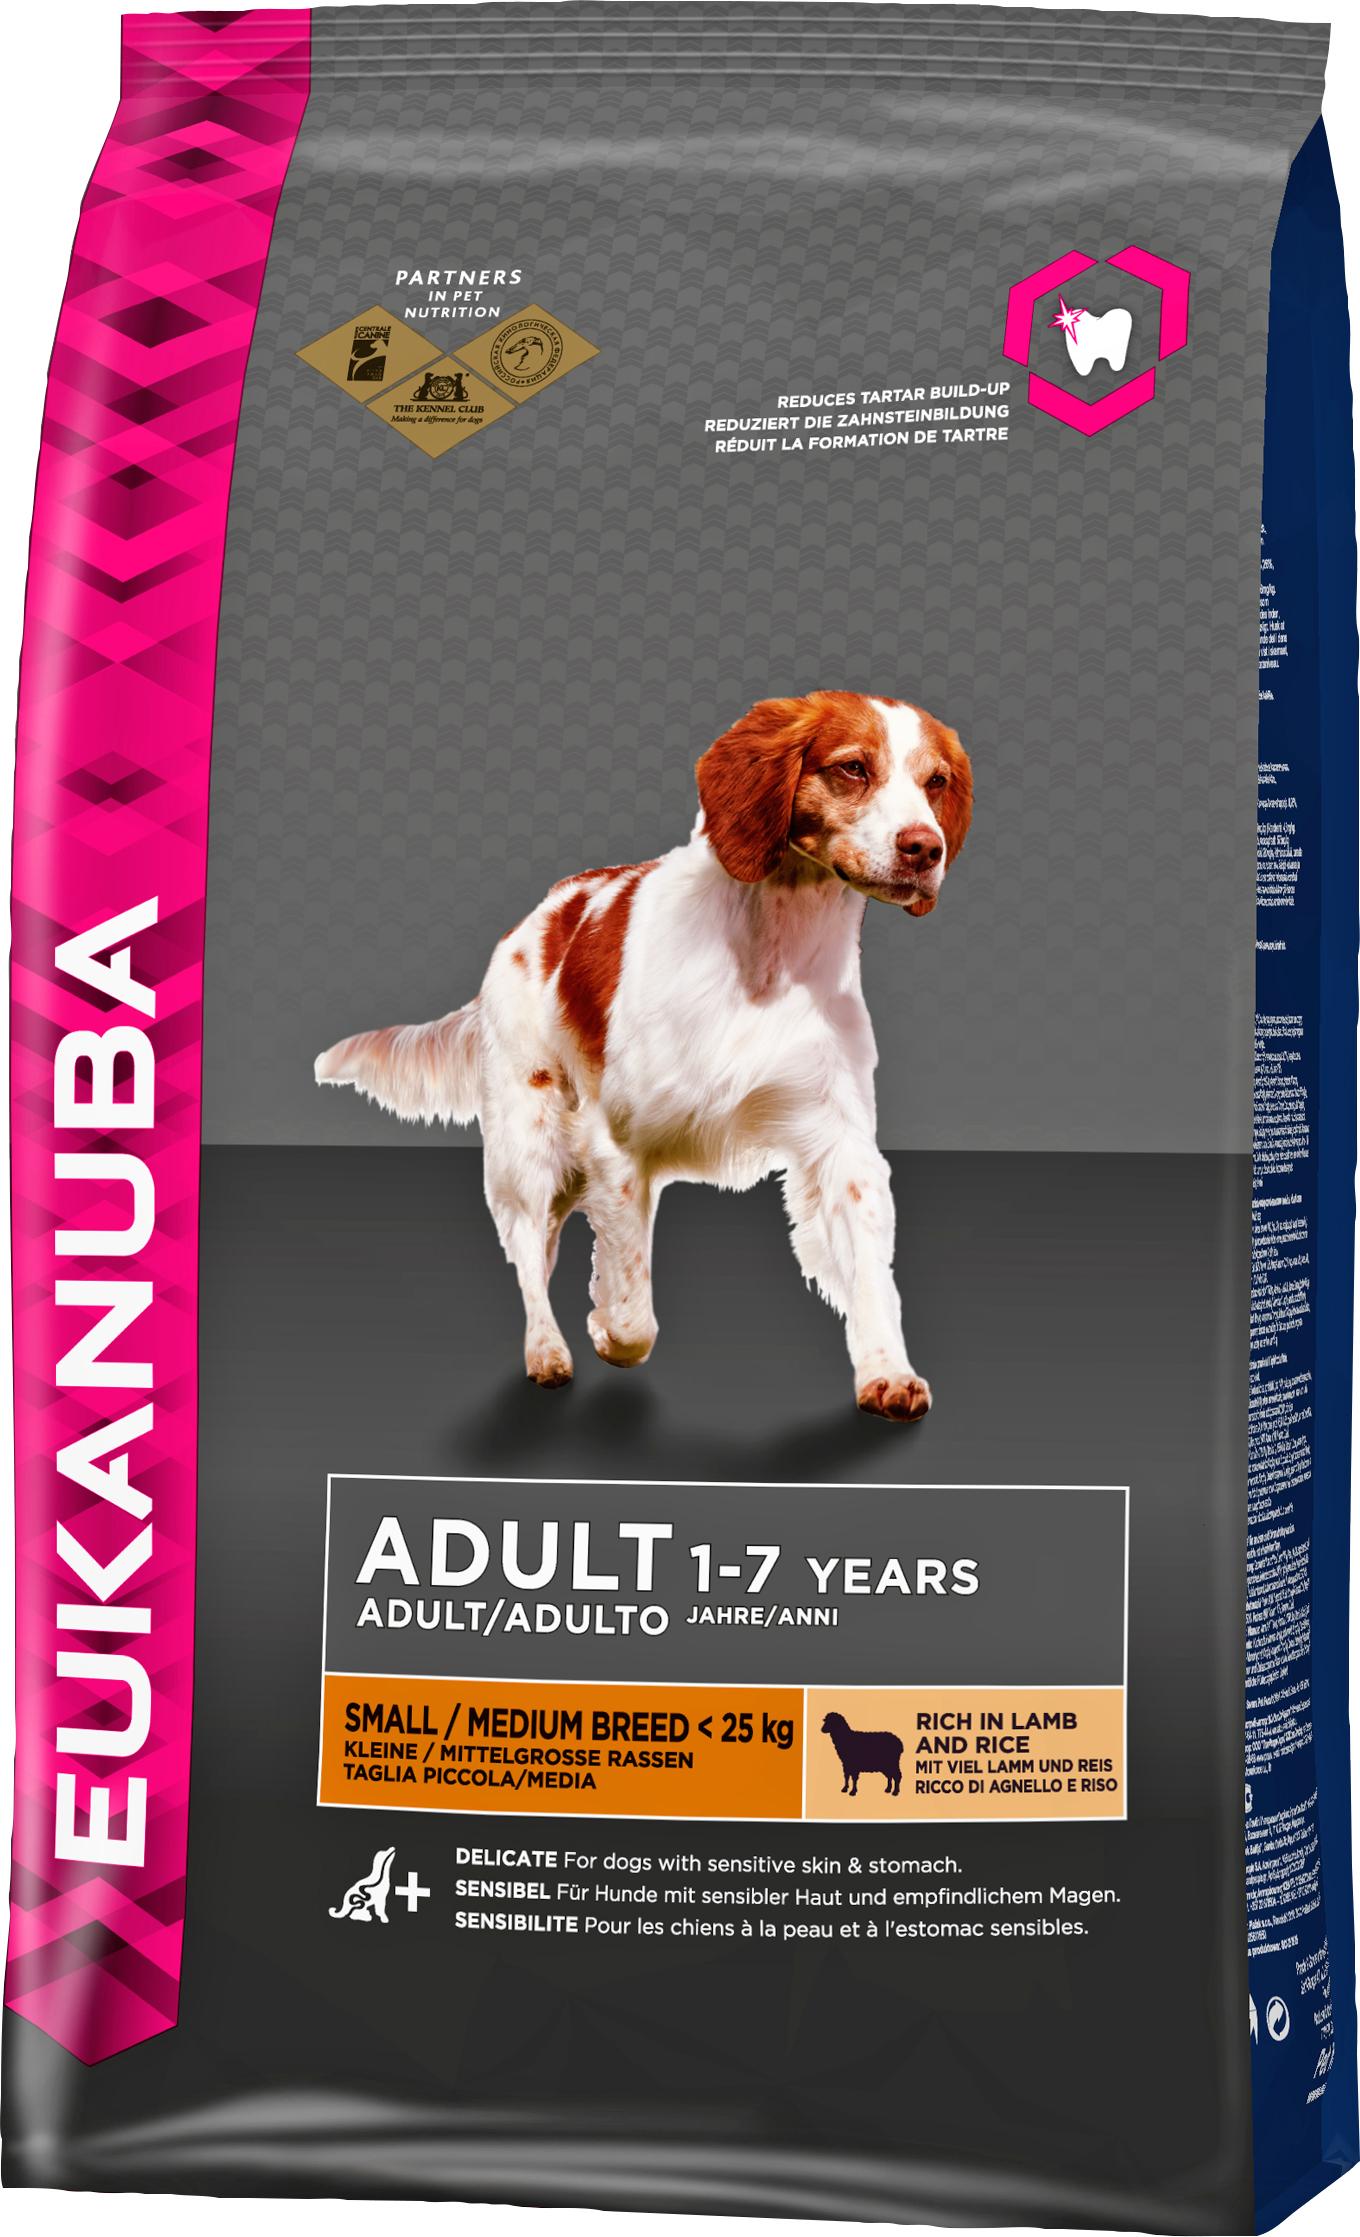 Hundfoder Eukanuba Adult Small & Medium Breed Lamm och Ris, 12 kg